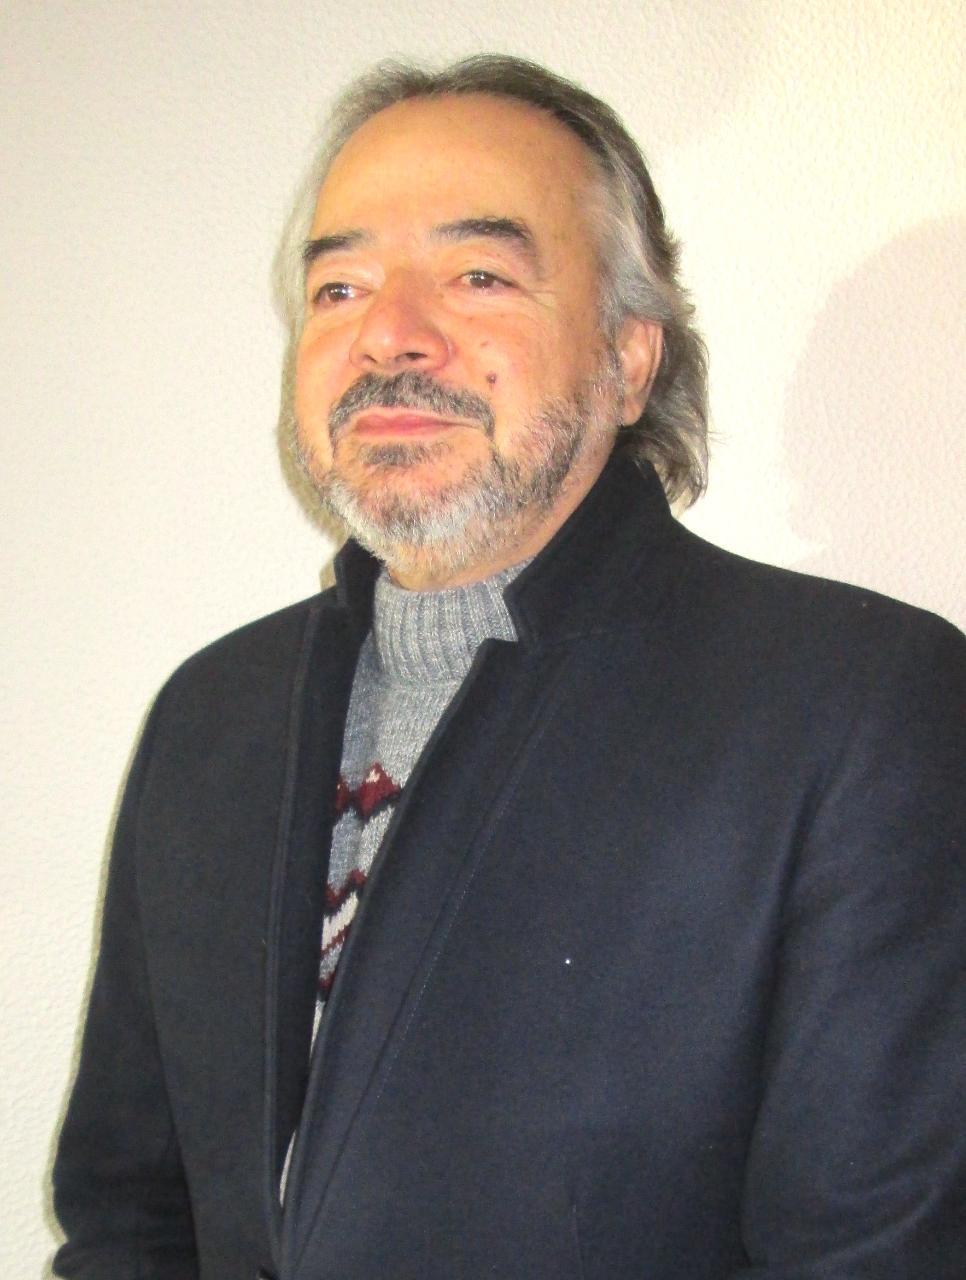 Fernando Inácio